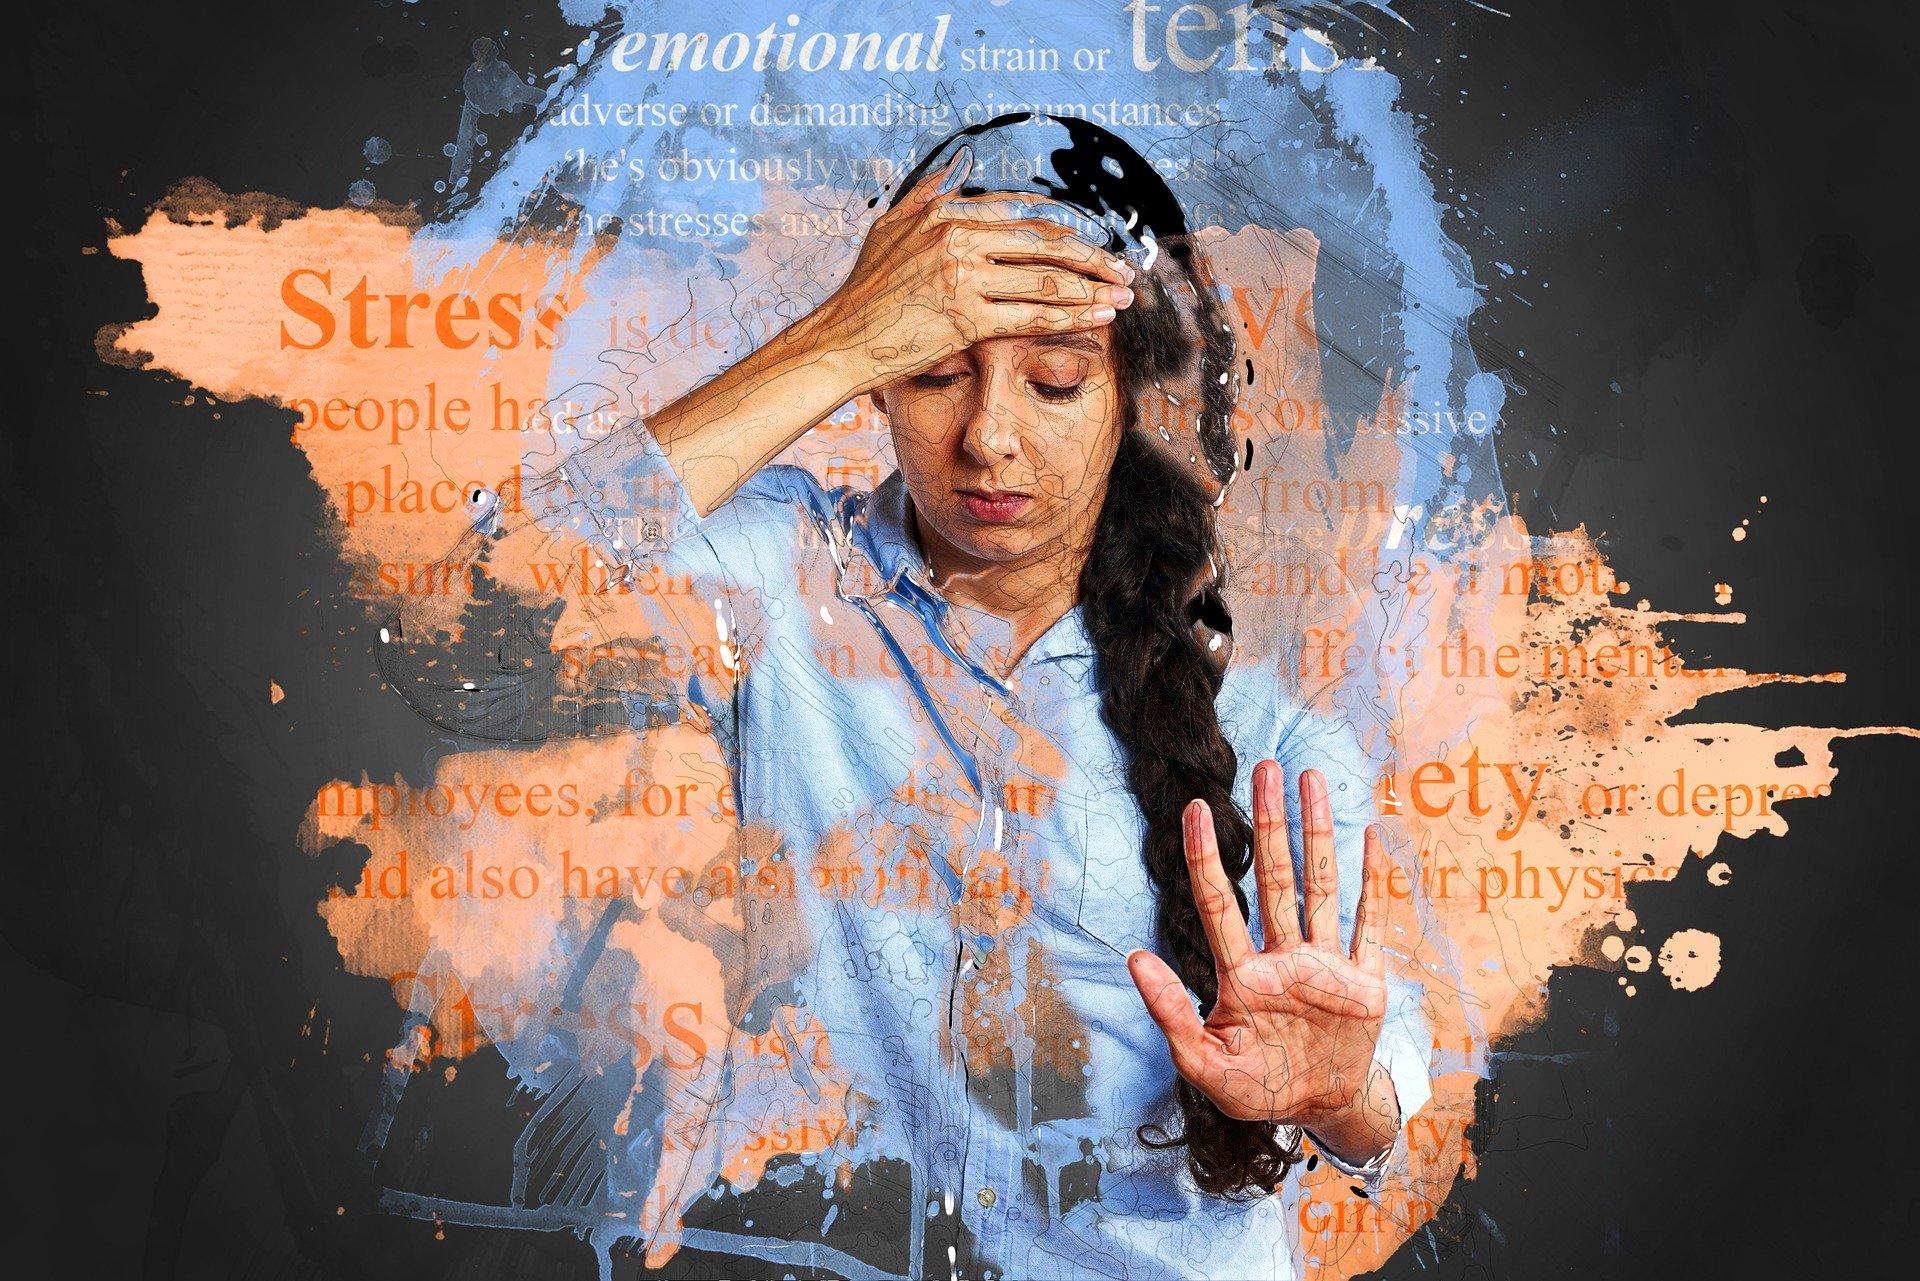 estres sesion auto hipnosis metodo beliz